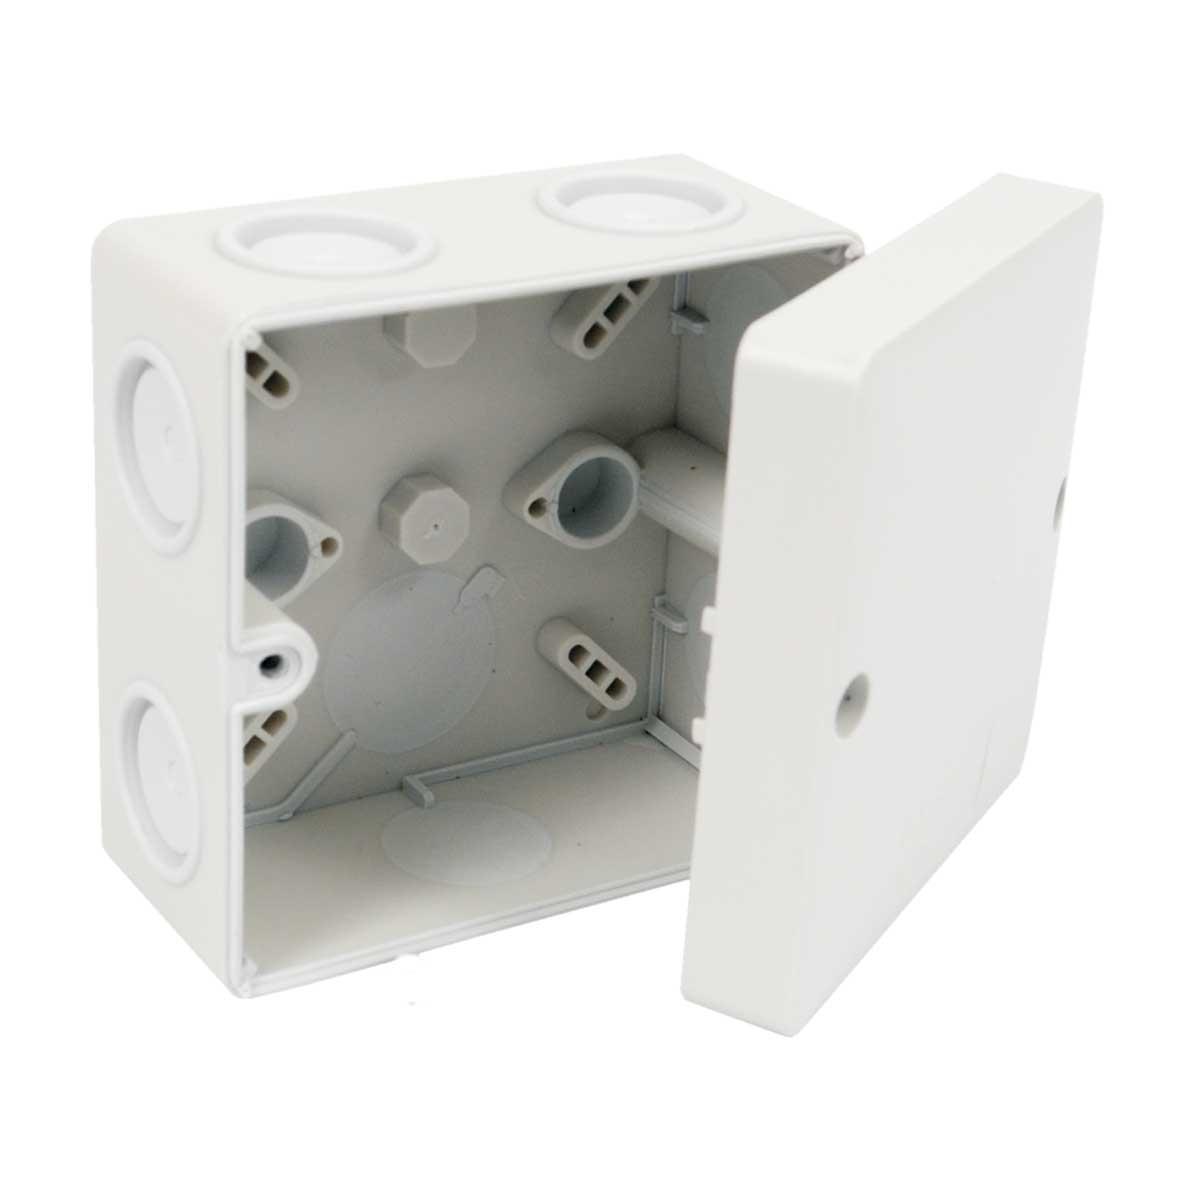 Коробка, IP 66, антивандальна кришка, мембранні входи для зовнішнього монтажу; розміри 81х81х35мм